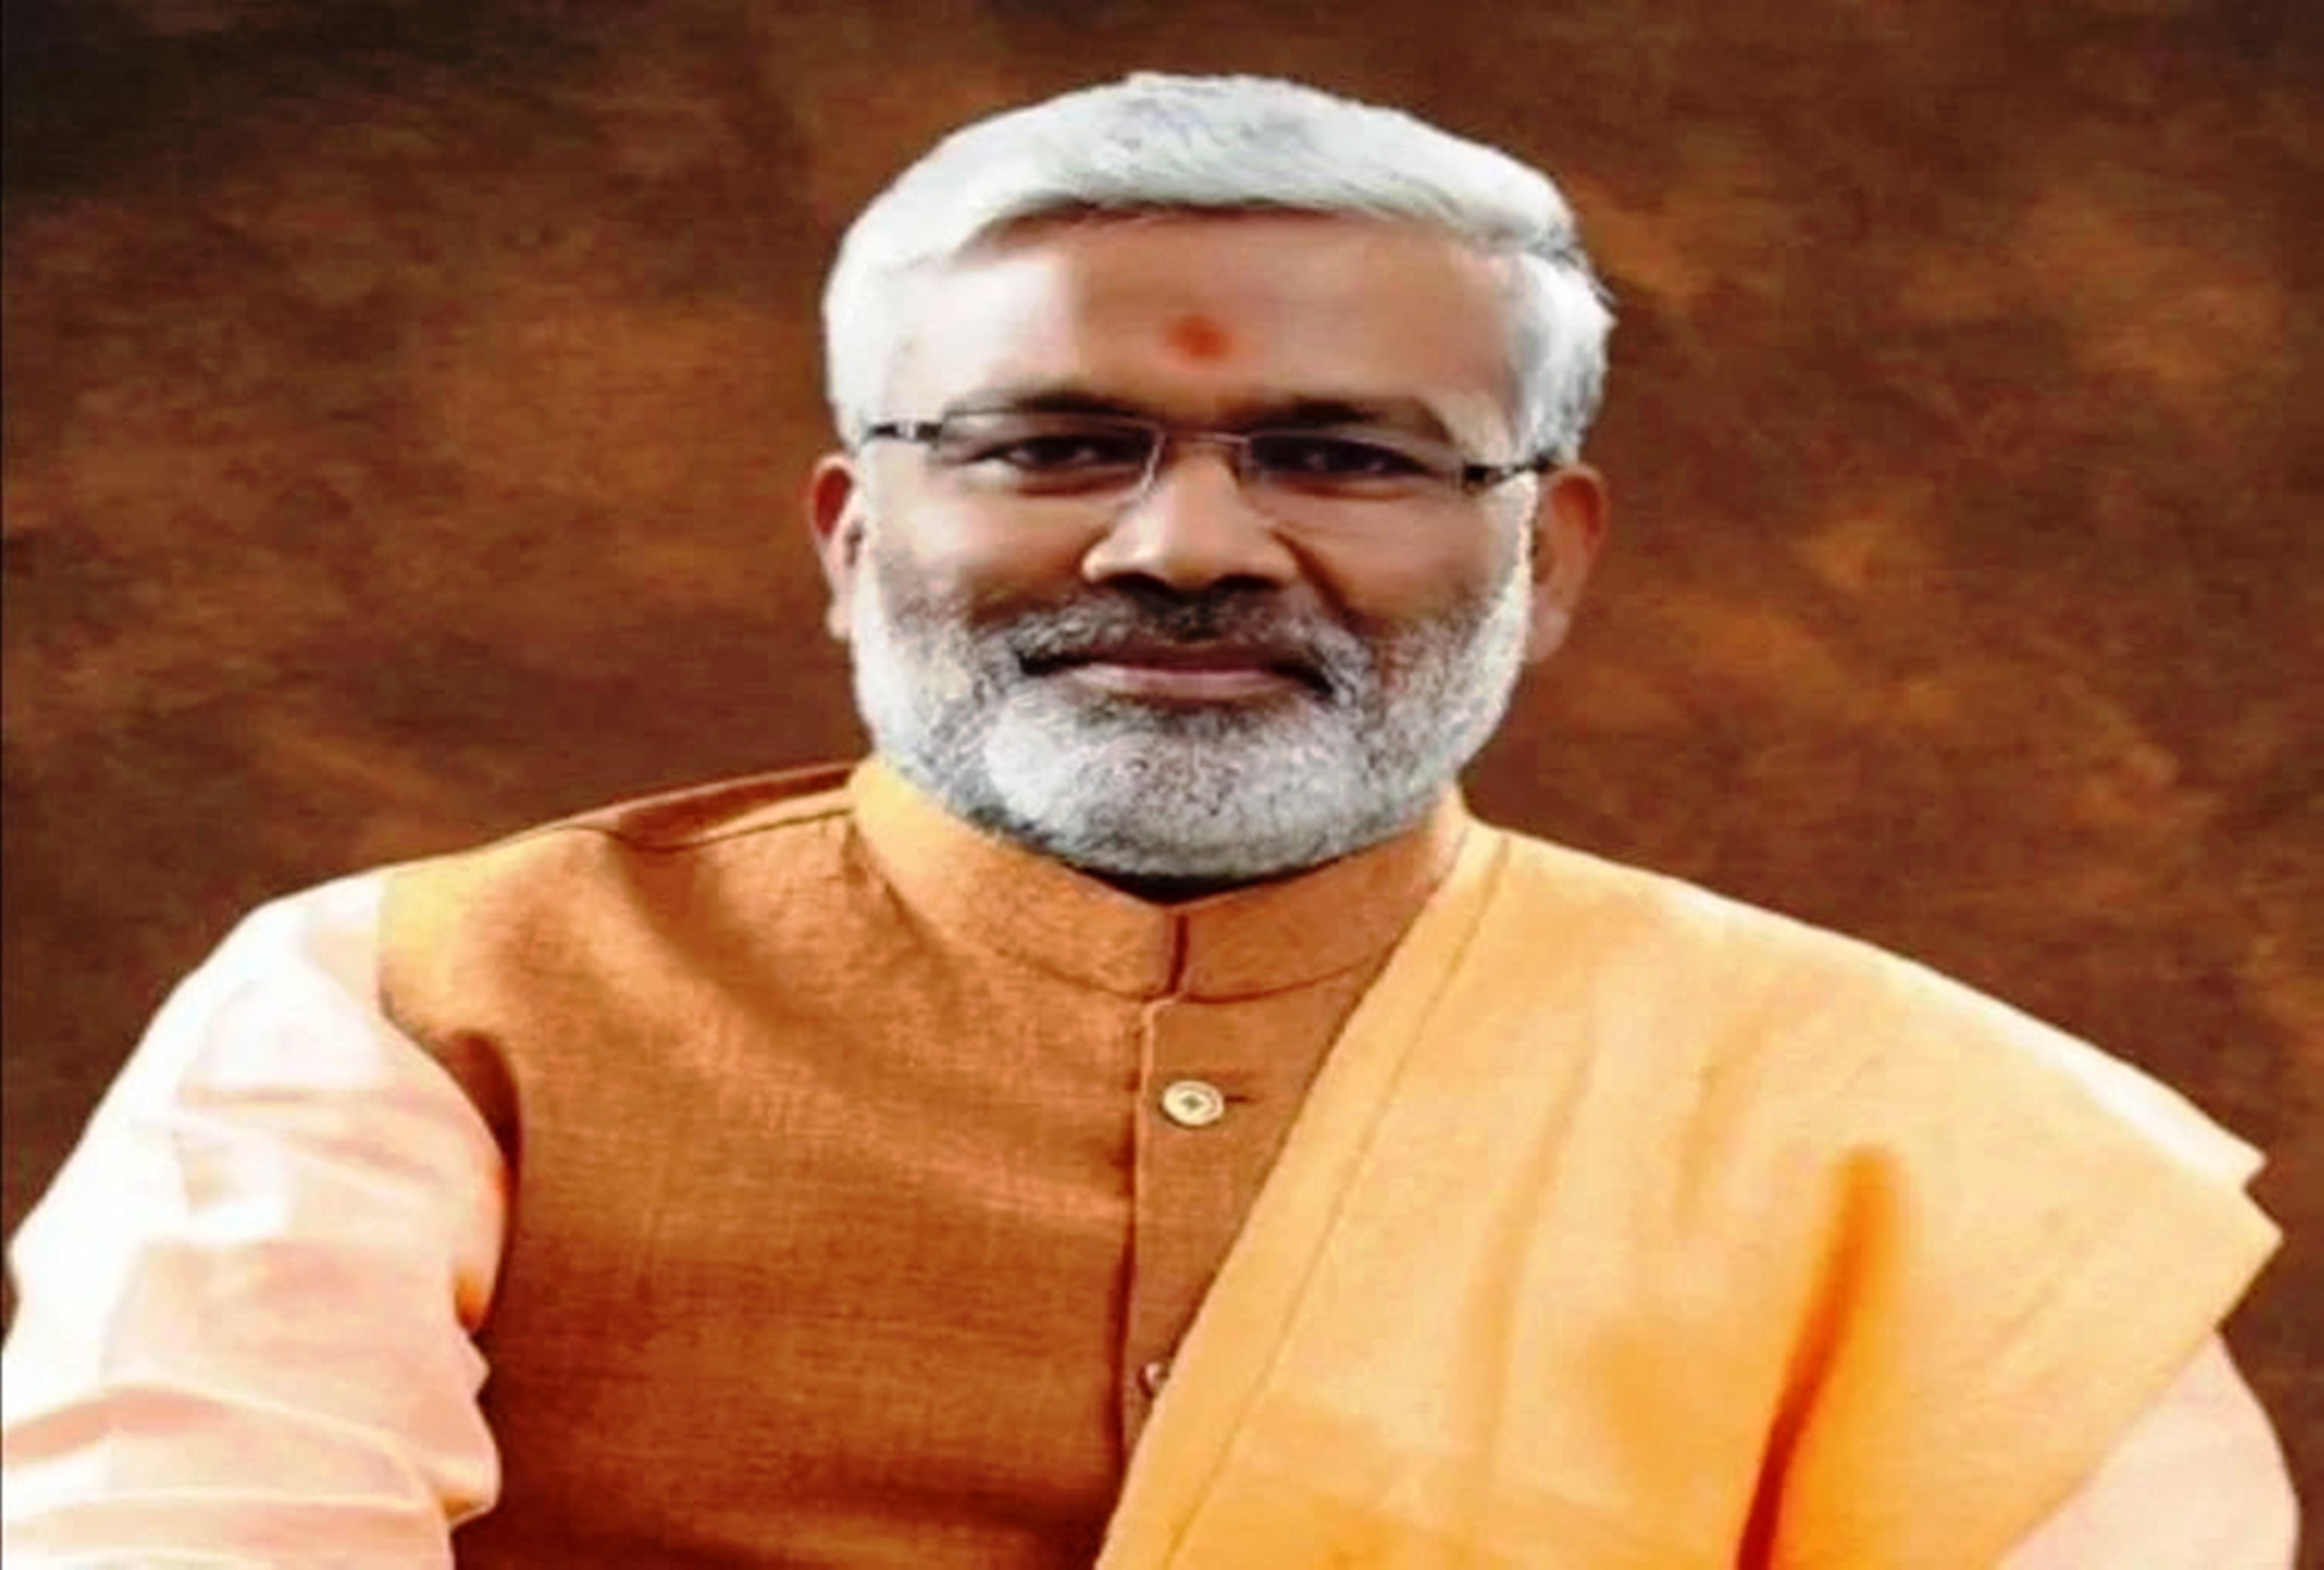 जाने कौन हैं स्वतंत्रदेव सिंह, जिन्हें बनाया गया भाजपा का प्रदेश अध्यक्ष